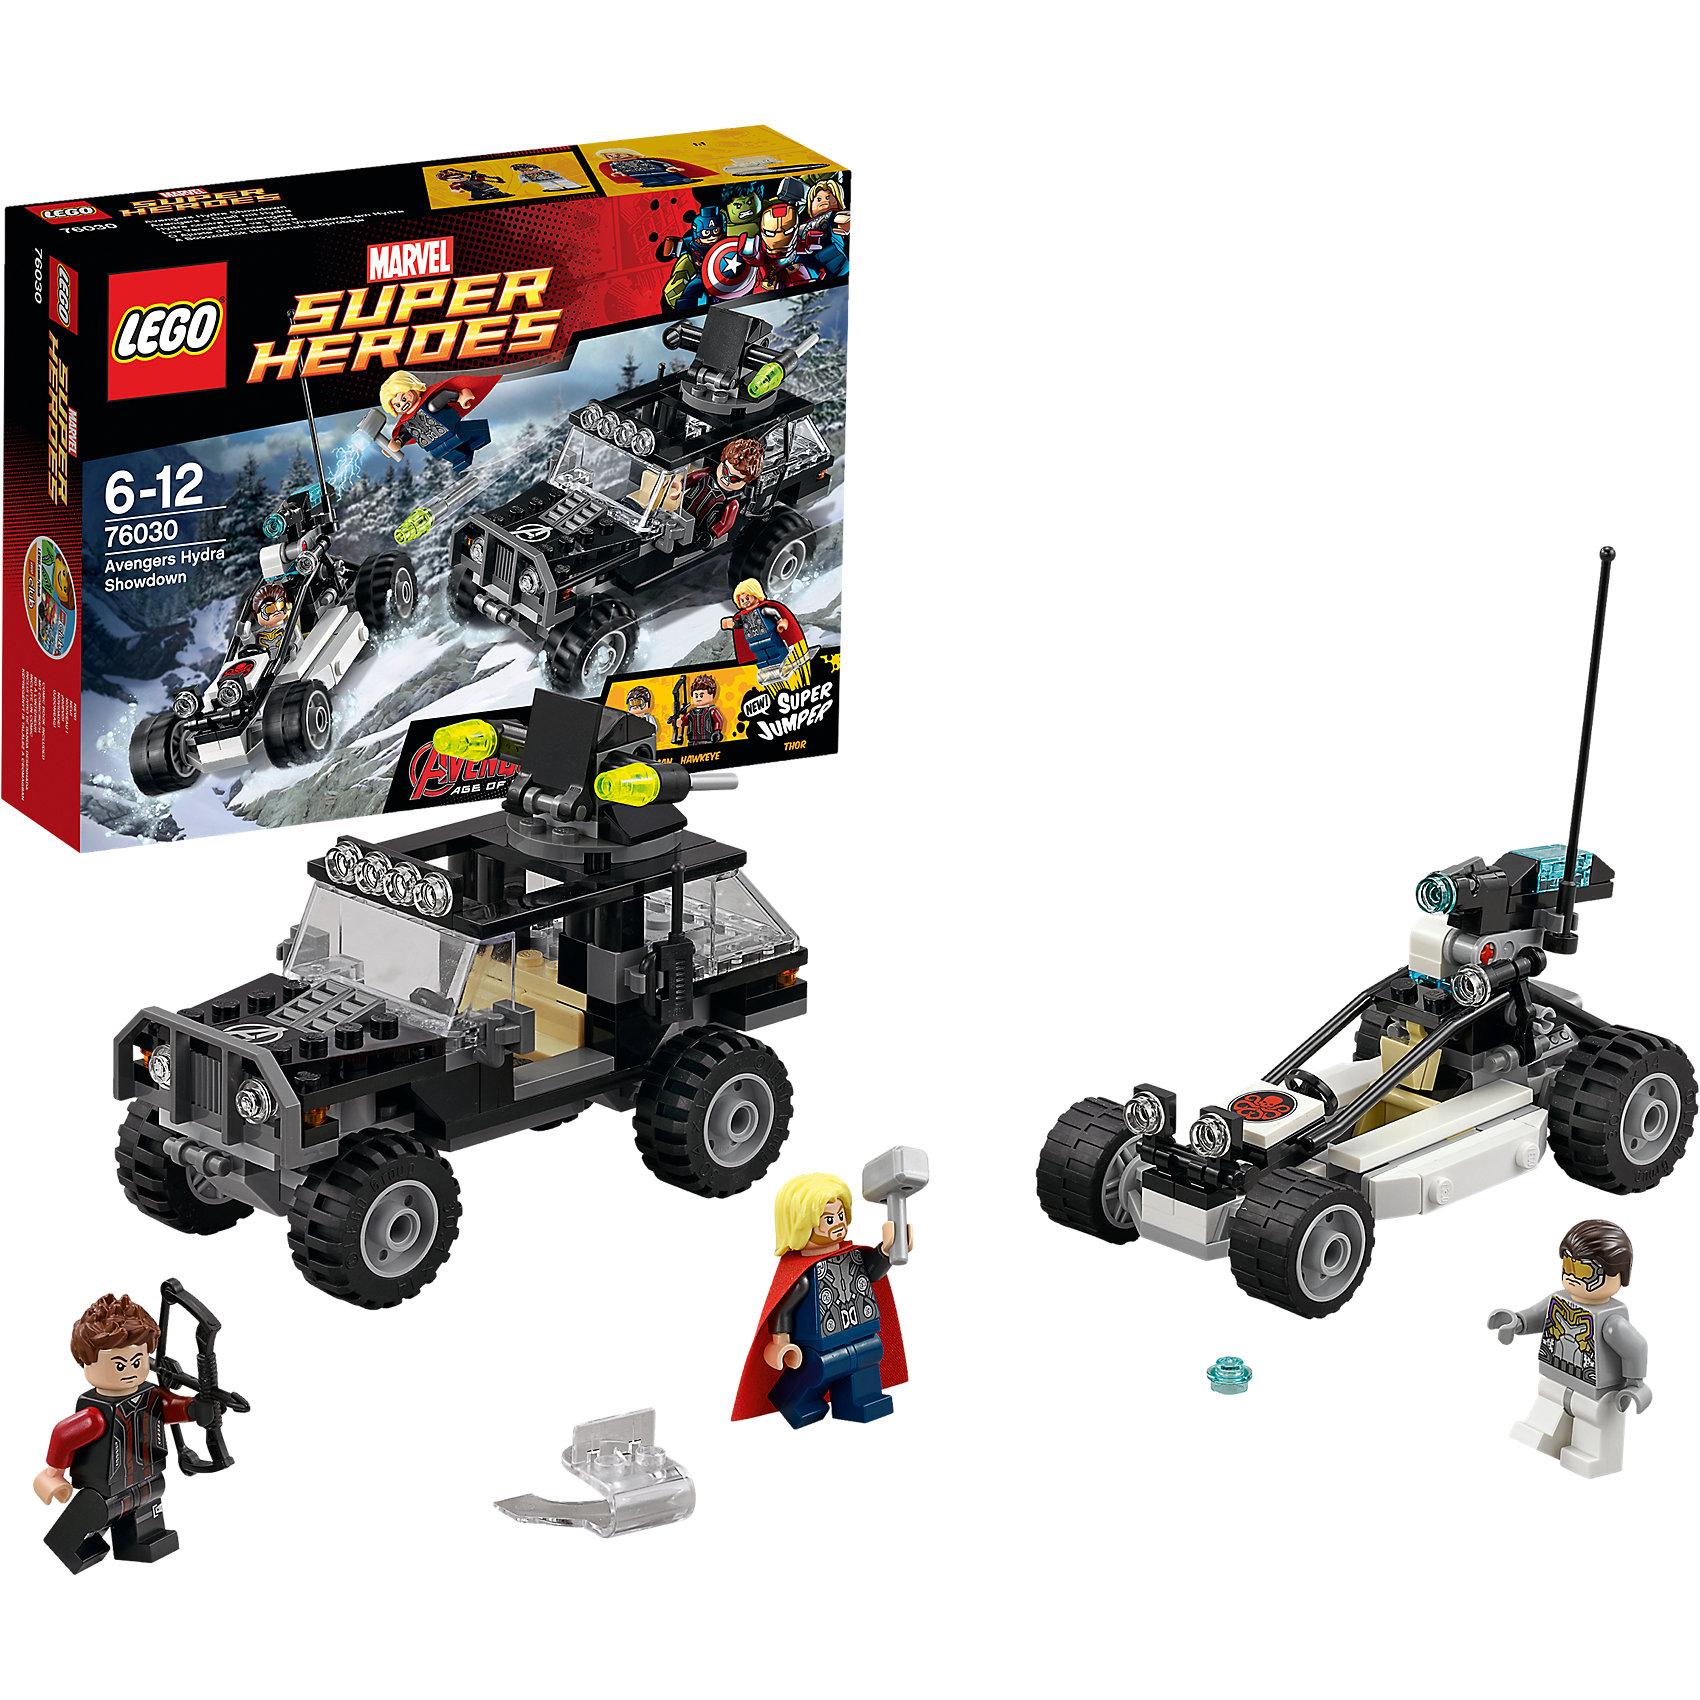 LEGO LEGO Super Heroes 76030: Гидра против Мстителей lego lego super heroes 76049 реактивный самолёт мстителей космическая миссия